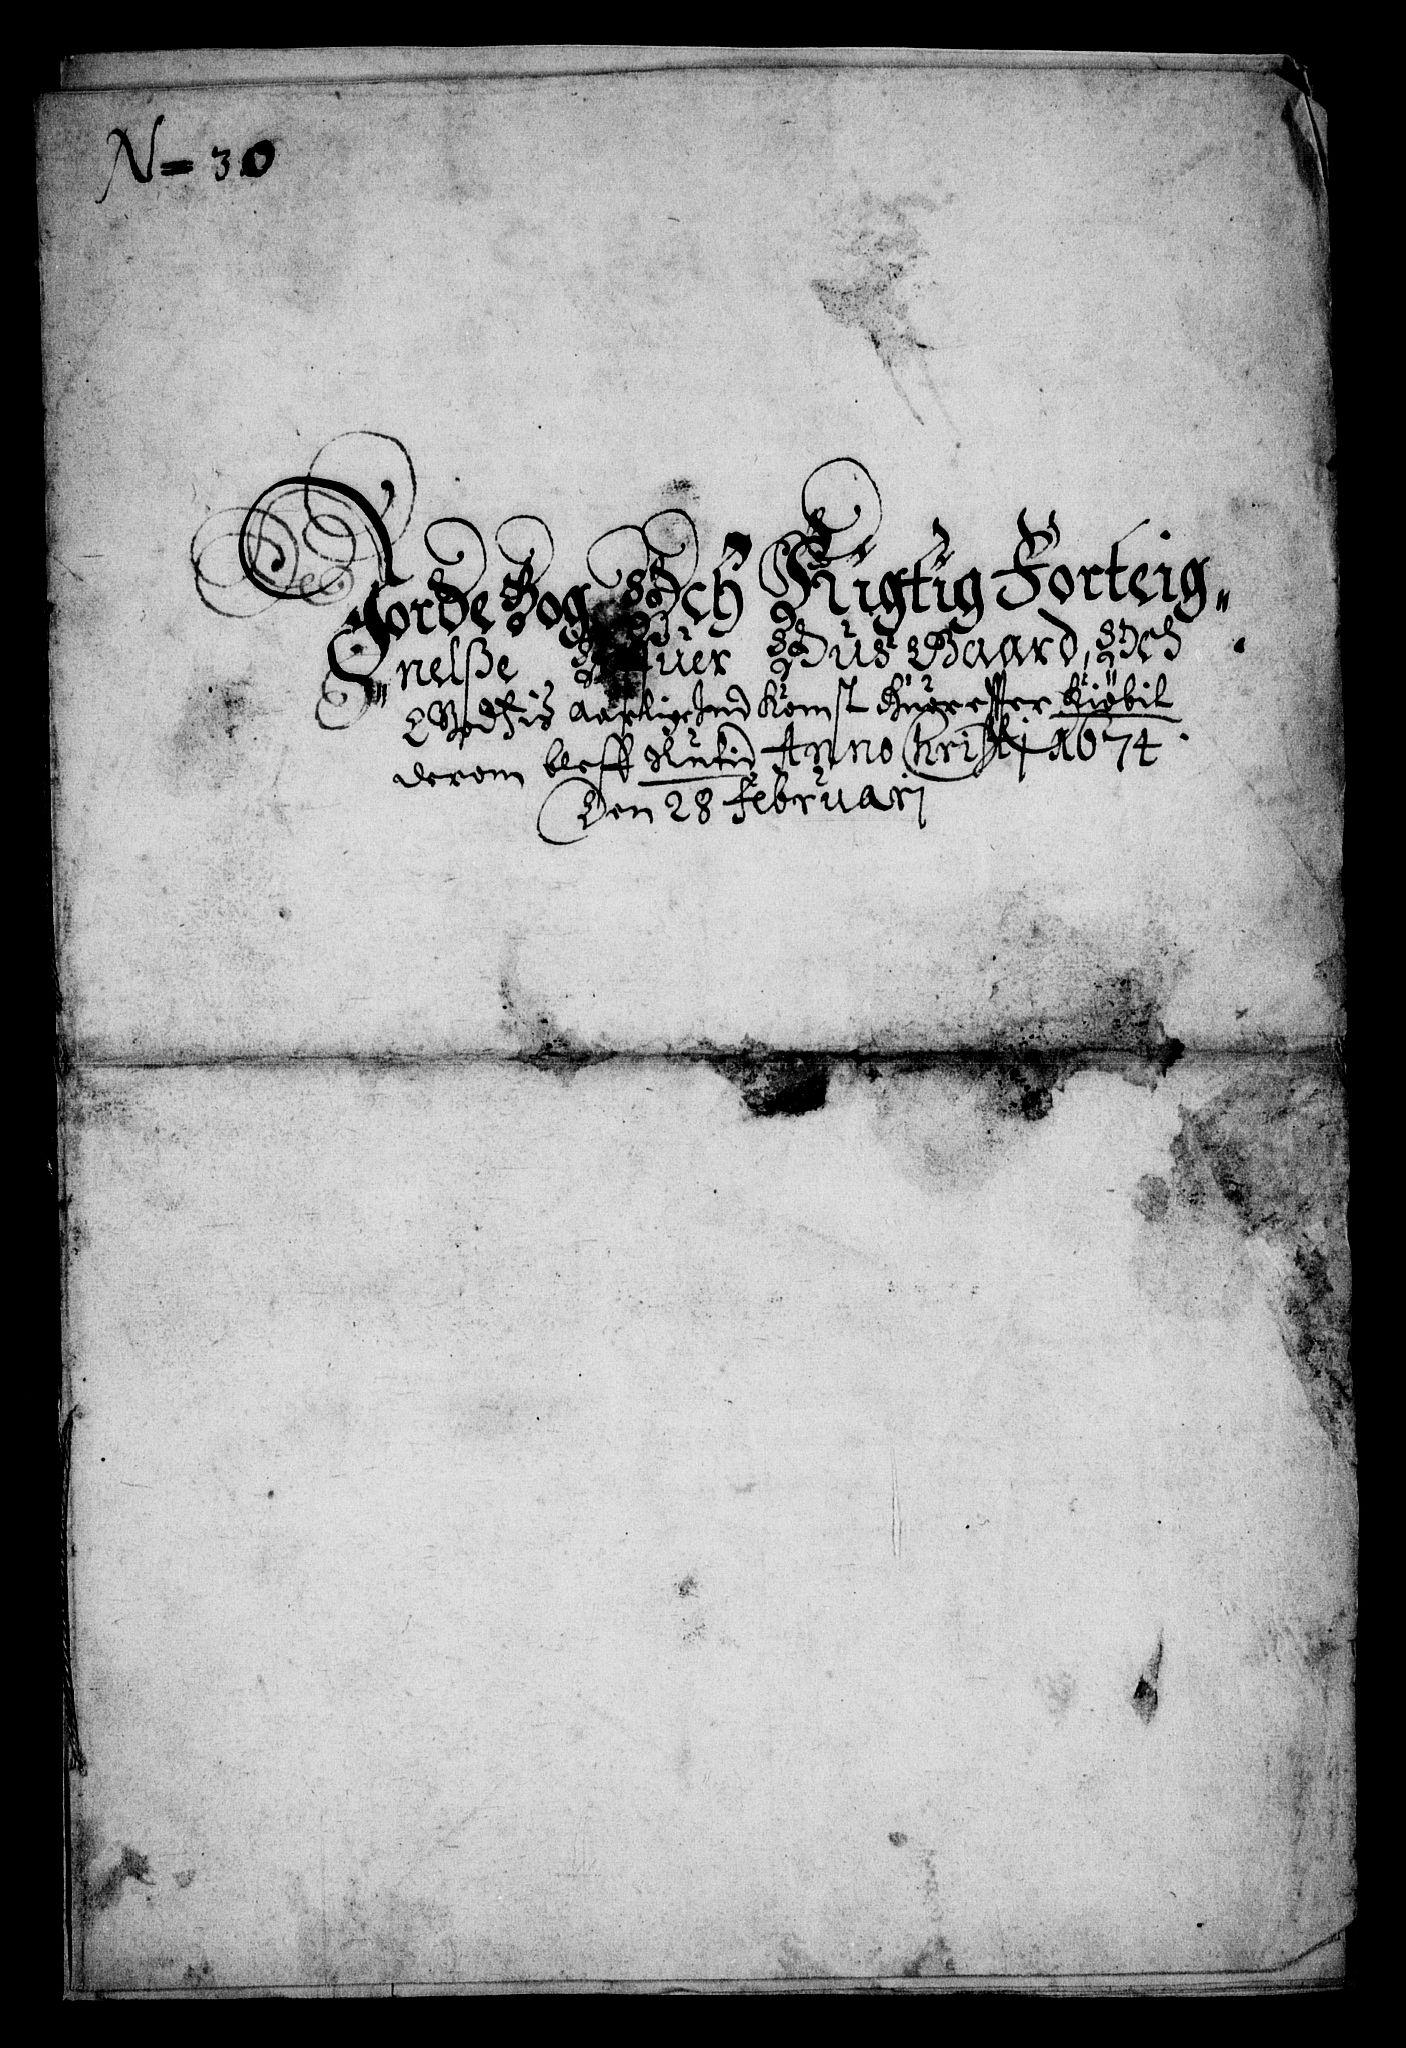 RA, Rentekammeret inntil 1814, Realistisk ordnet avdeling, On/L0008: [Jj 9]: Jordebøker innlevert til kongelig kommisjon 1672: Hammar, Osgård, Sem med Skjelbred, Fossesholm, Fiskum og Ulland (1669-1672), Strøm (1658-u.d. og 1672-73) samt Svanøy gods i Sunnfjord (1657)., 1672, s. 46